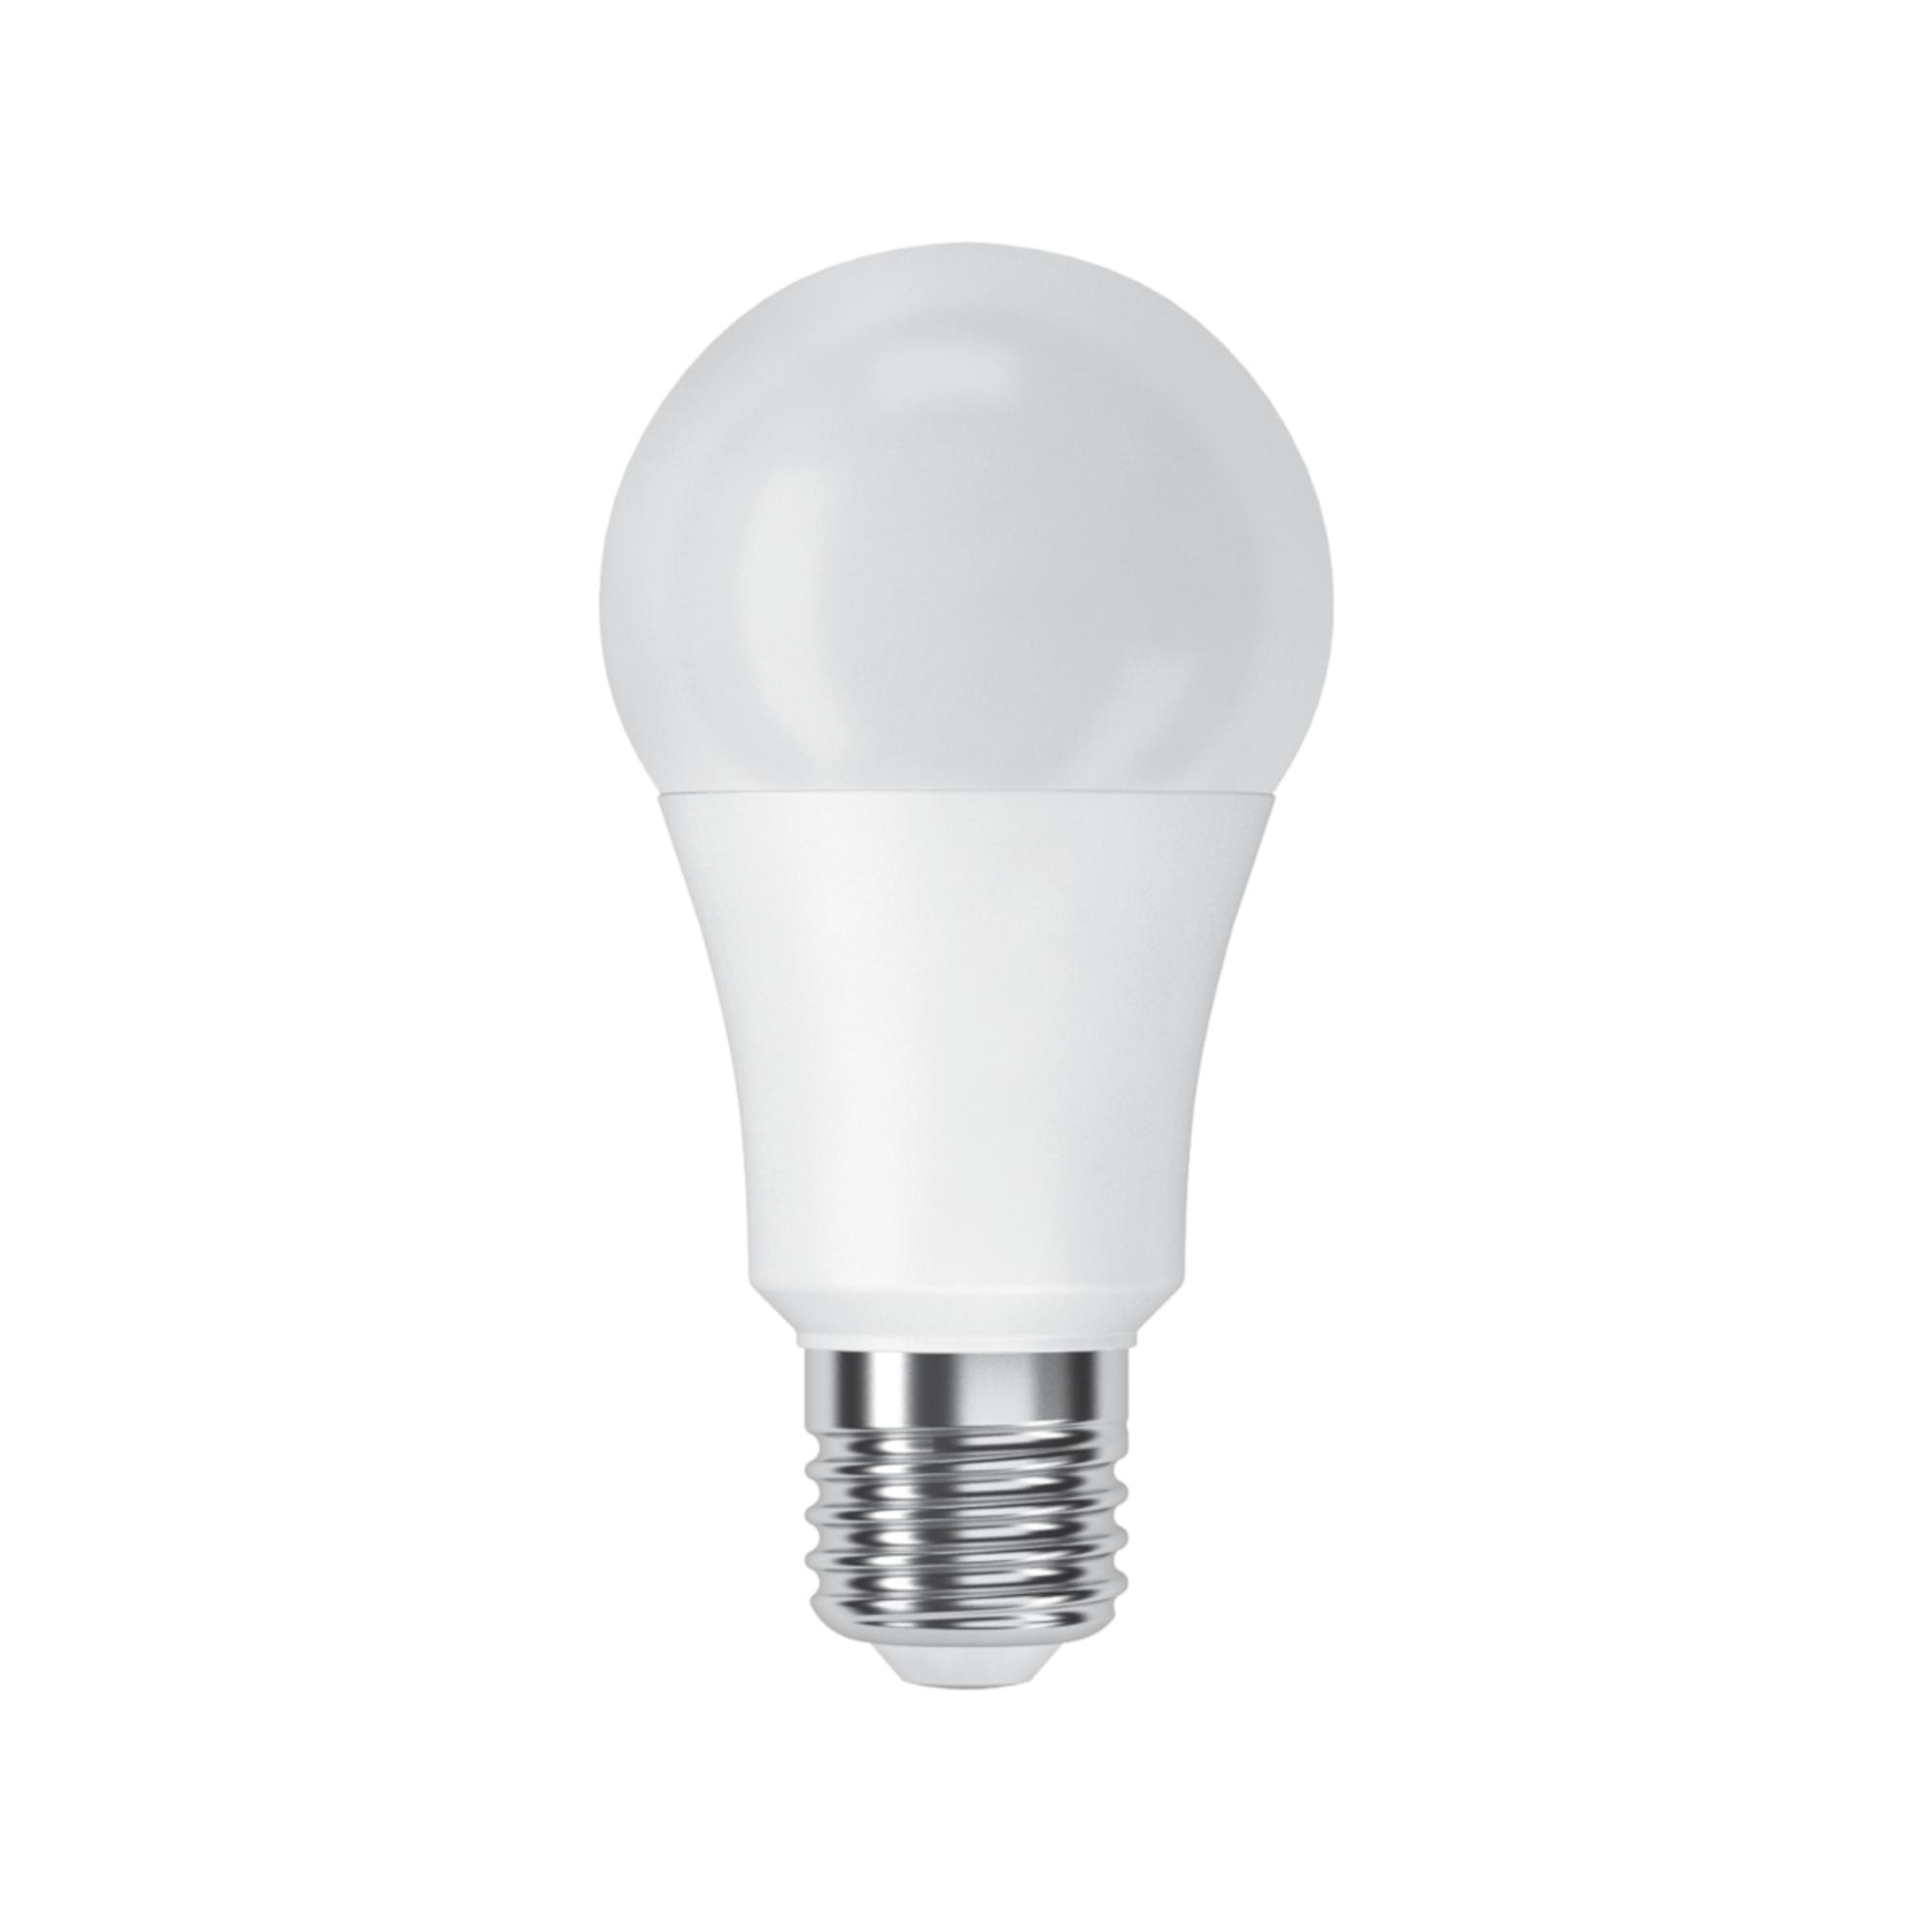 Светодиодная лампочка Фотон 23395 E27 1450 Лм 20 Вт